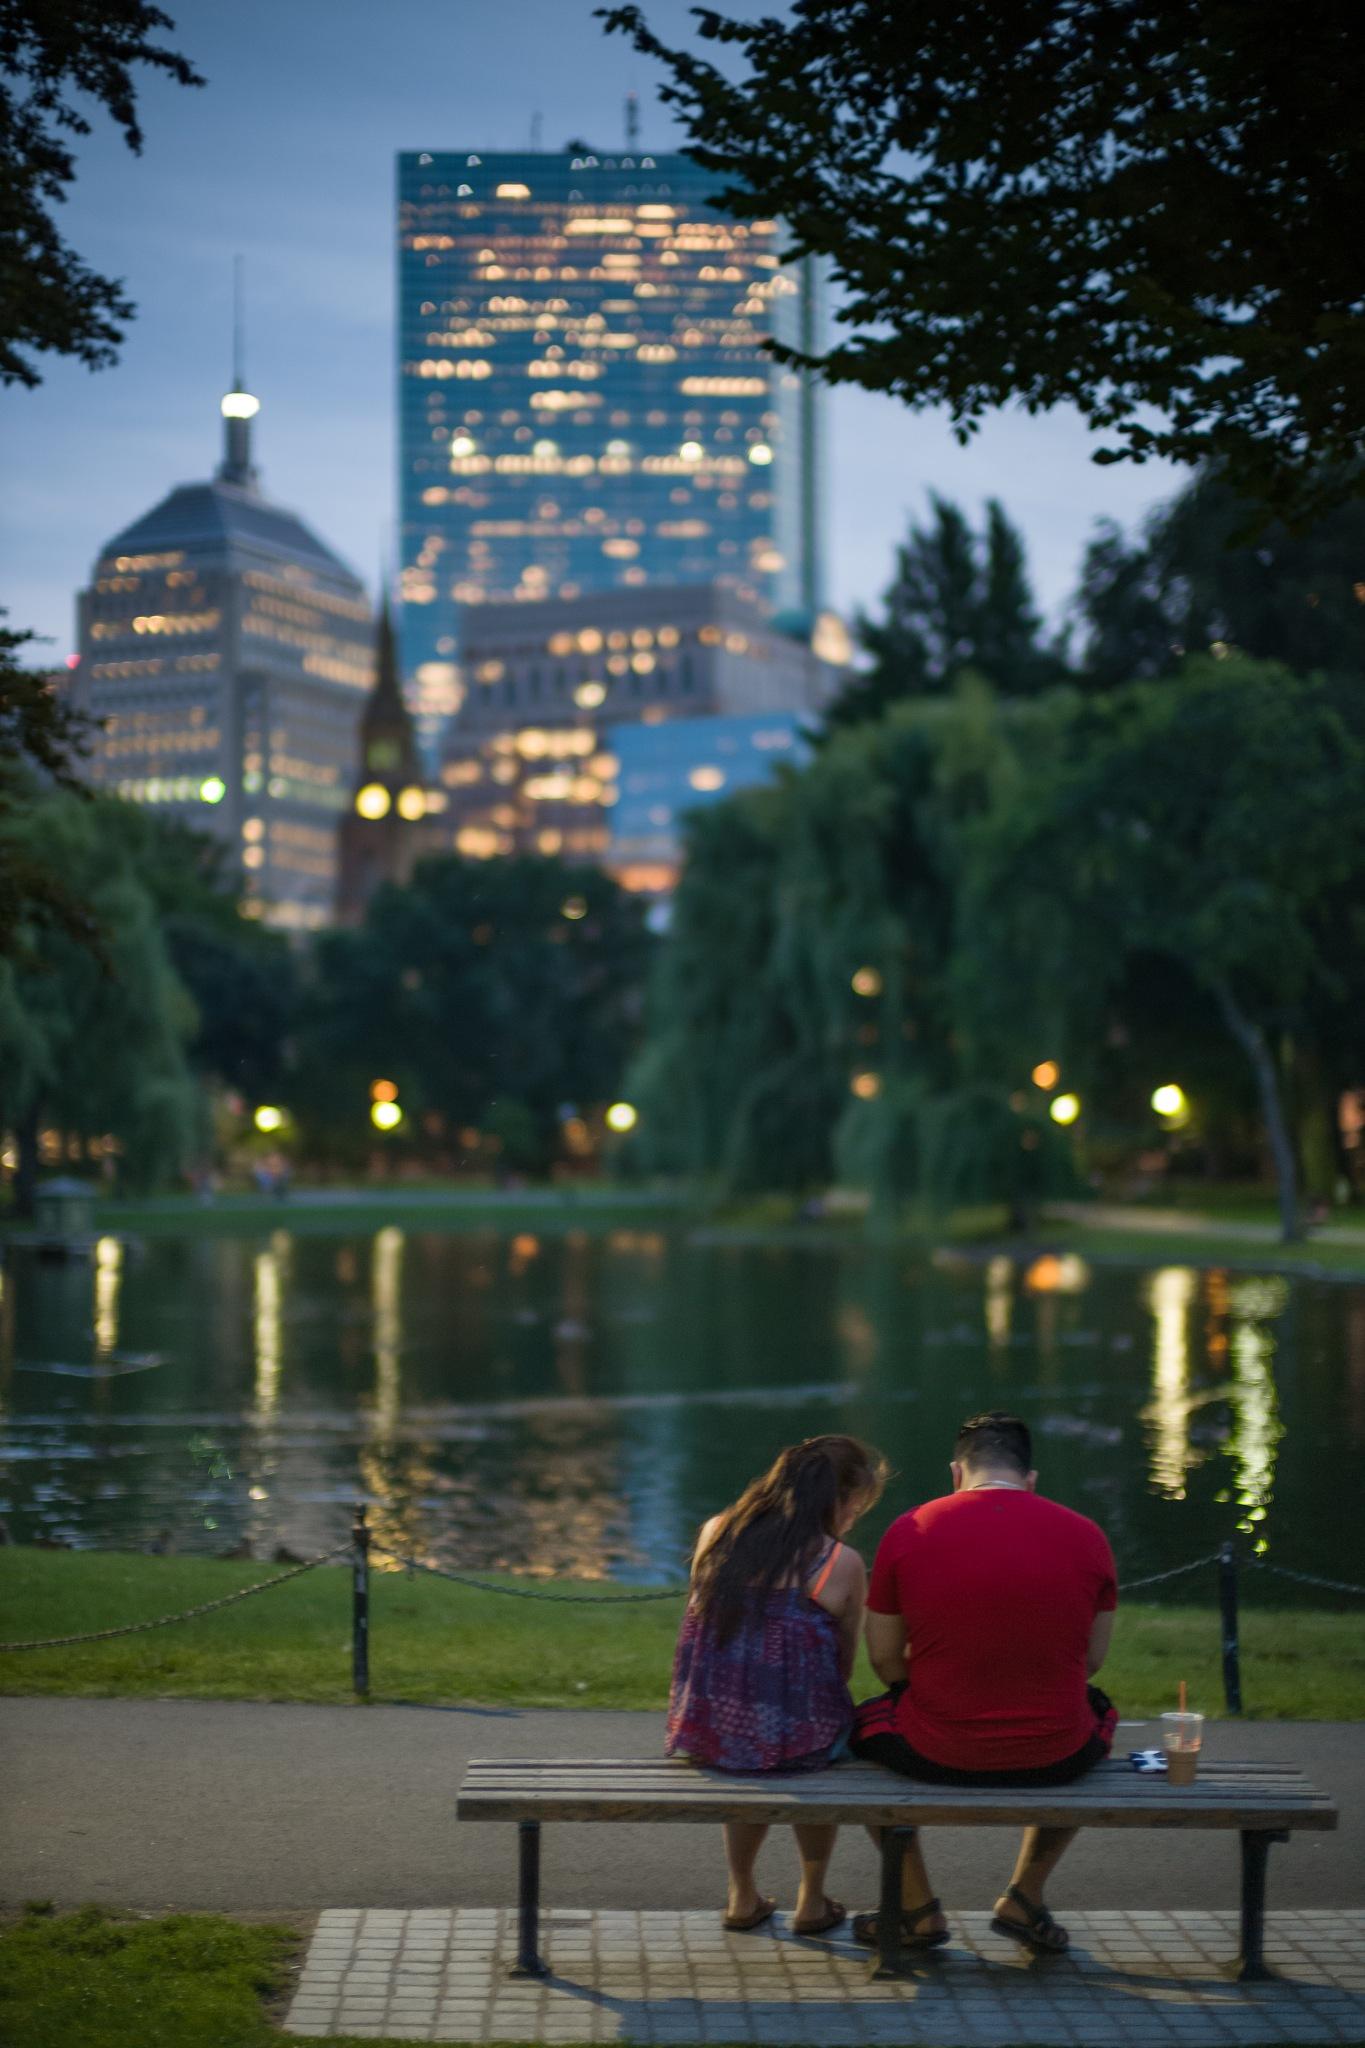 Summertime Twilight - Boston Public Garden, Boston, MA by Sean Sweeney